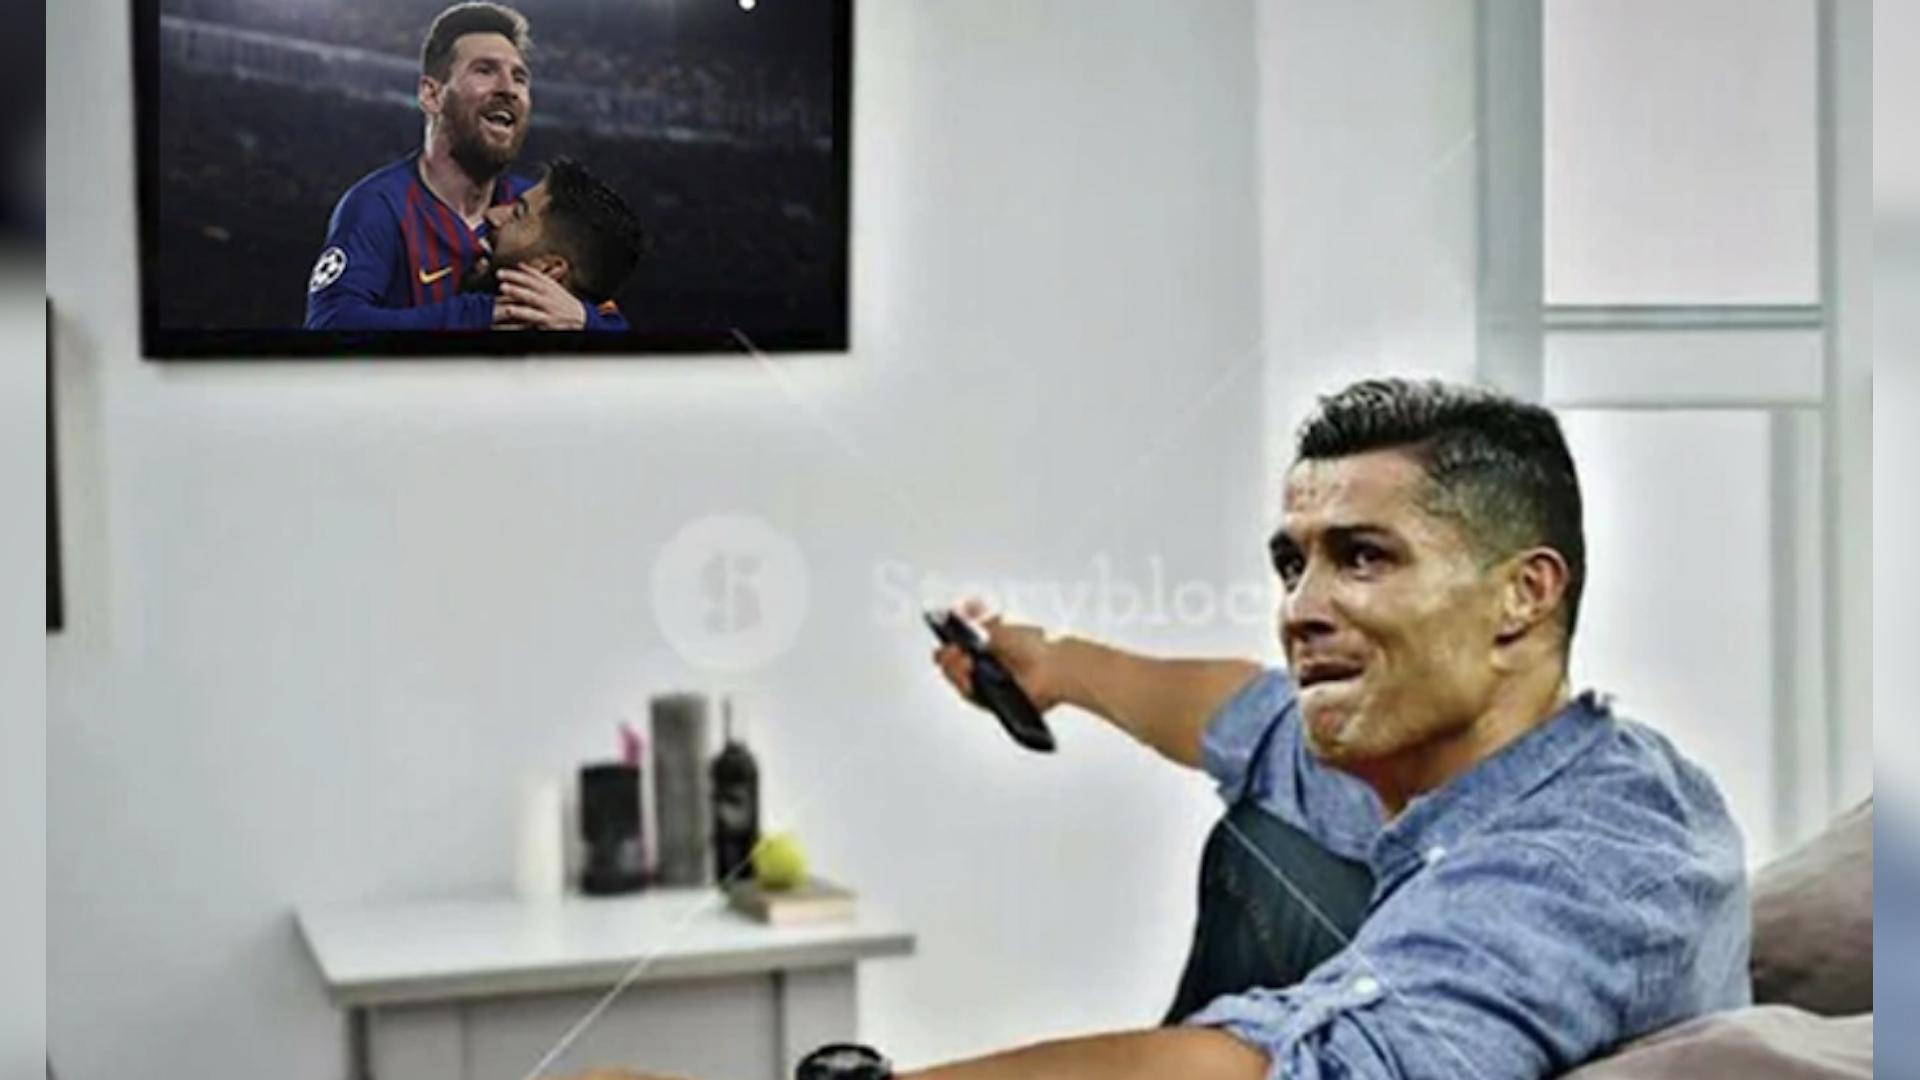 Uno de los memes hace alusión a que mientras Lionel Messi celebra, Cristiano Ronaldo ve el partido por televisión. (Foto Prensa Libre: Redes)